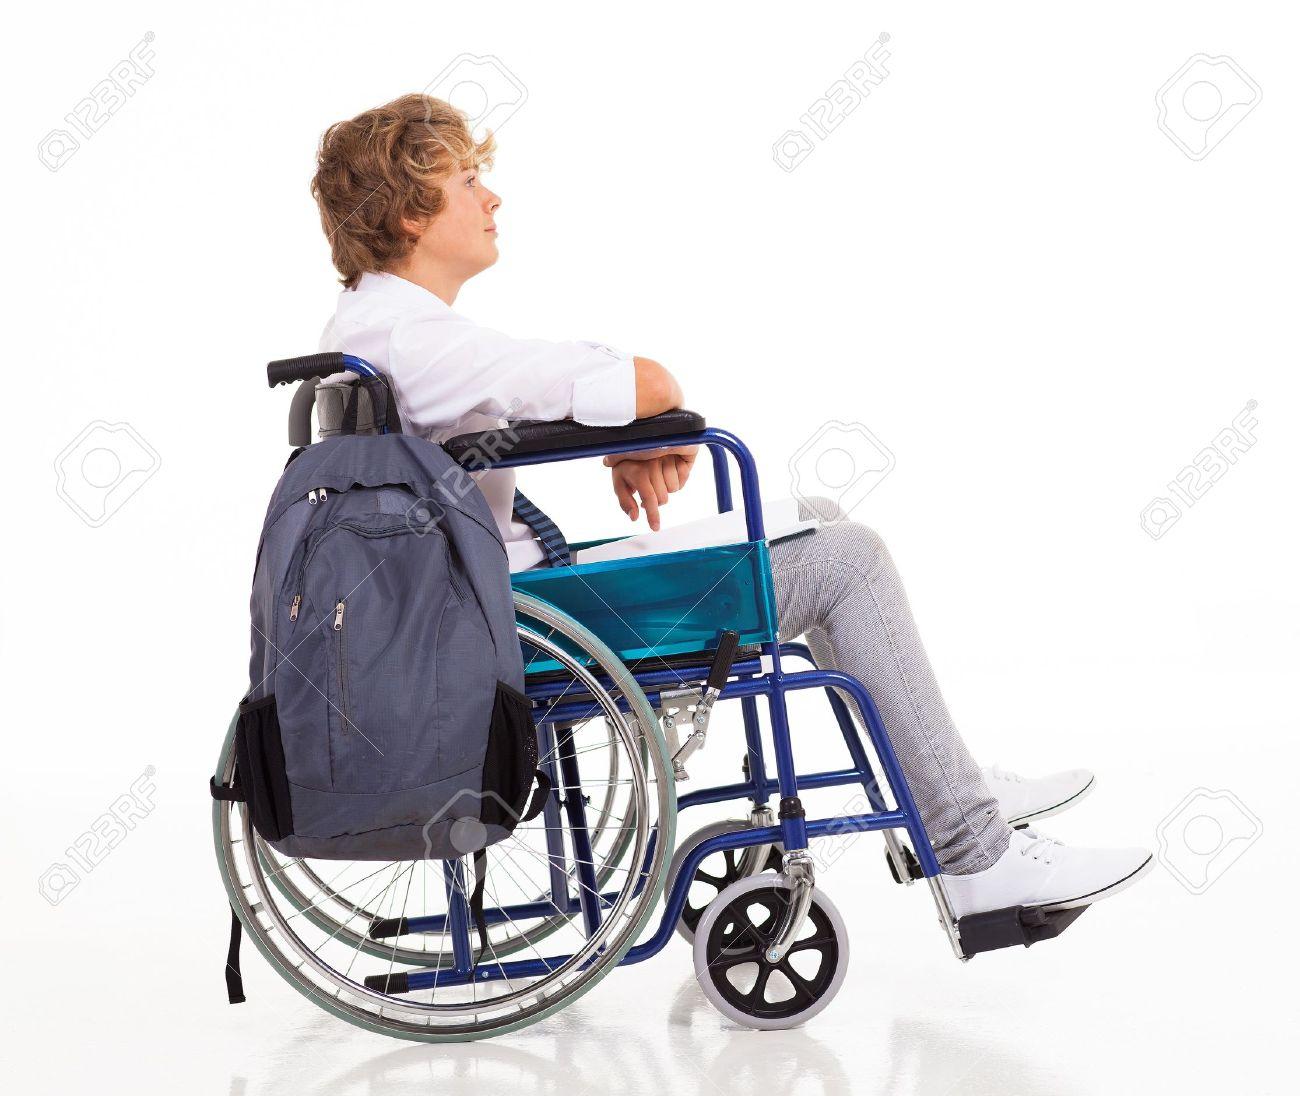 Vue De Côté Dun Garçon Adolescent Handicapé Assis Sur Chaise